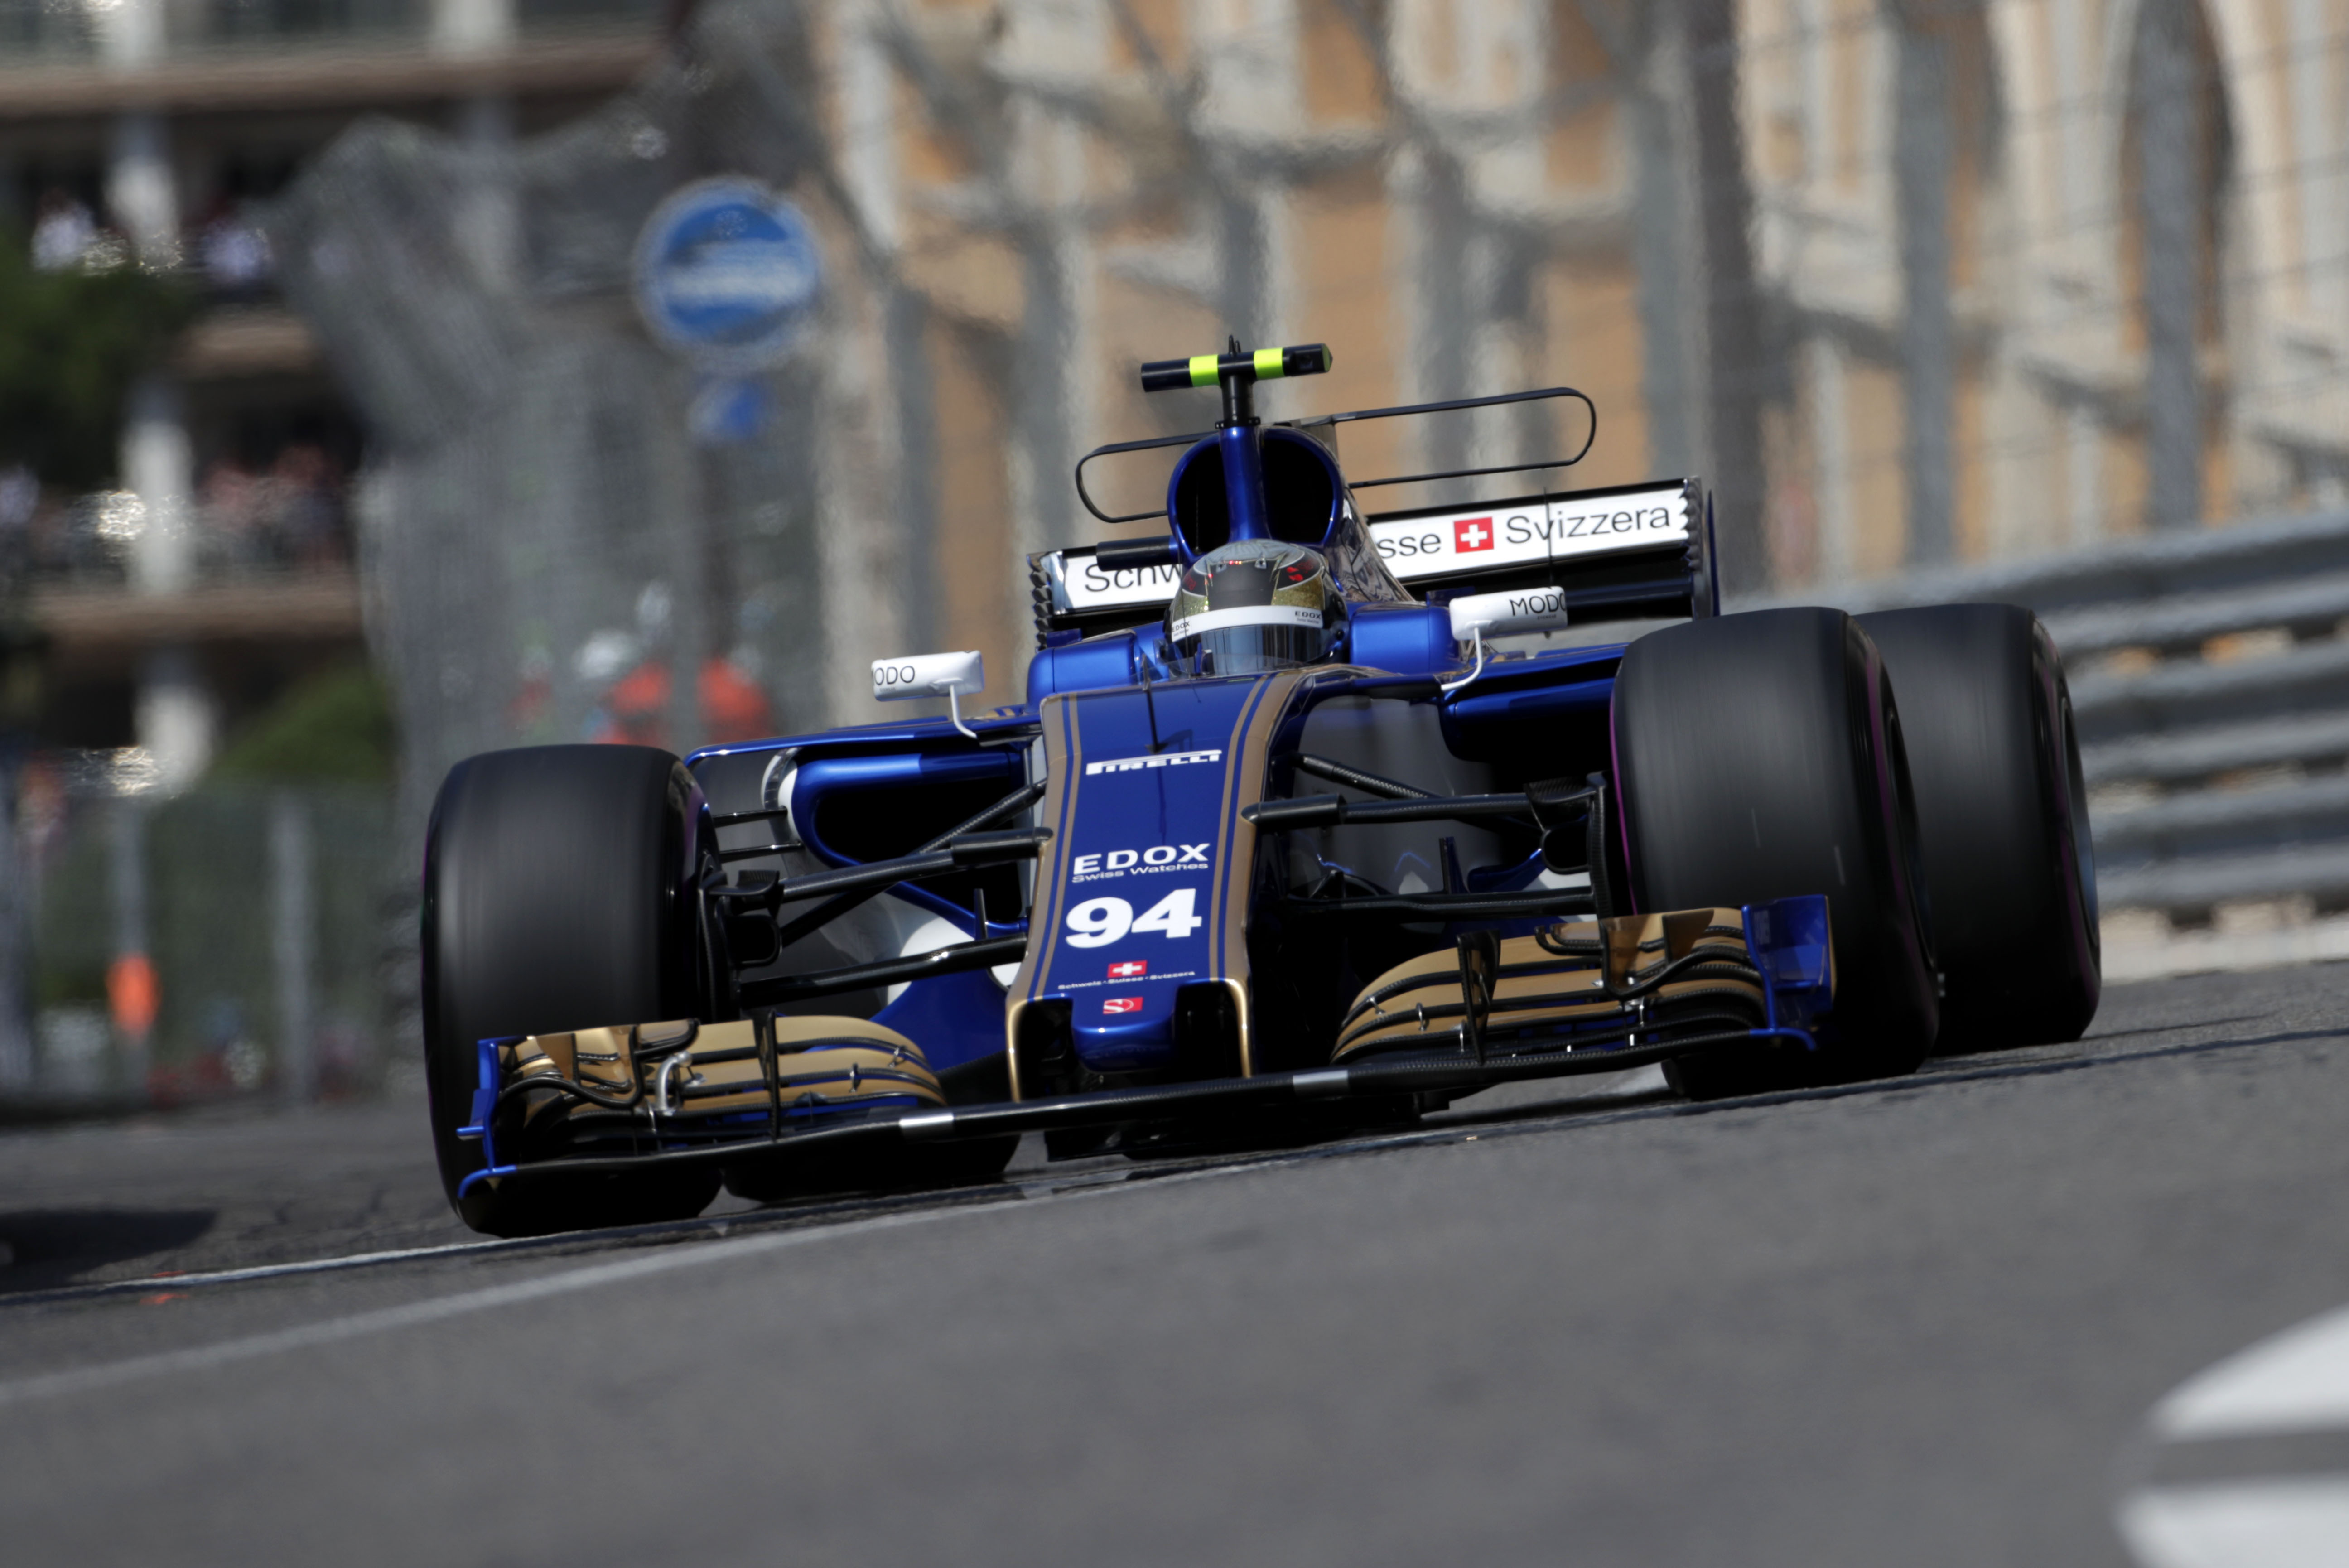 F1: Wallpapers Monaco Grand Prix Of 2017